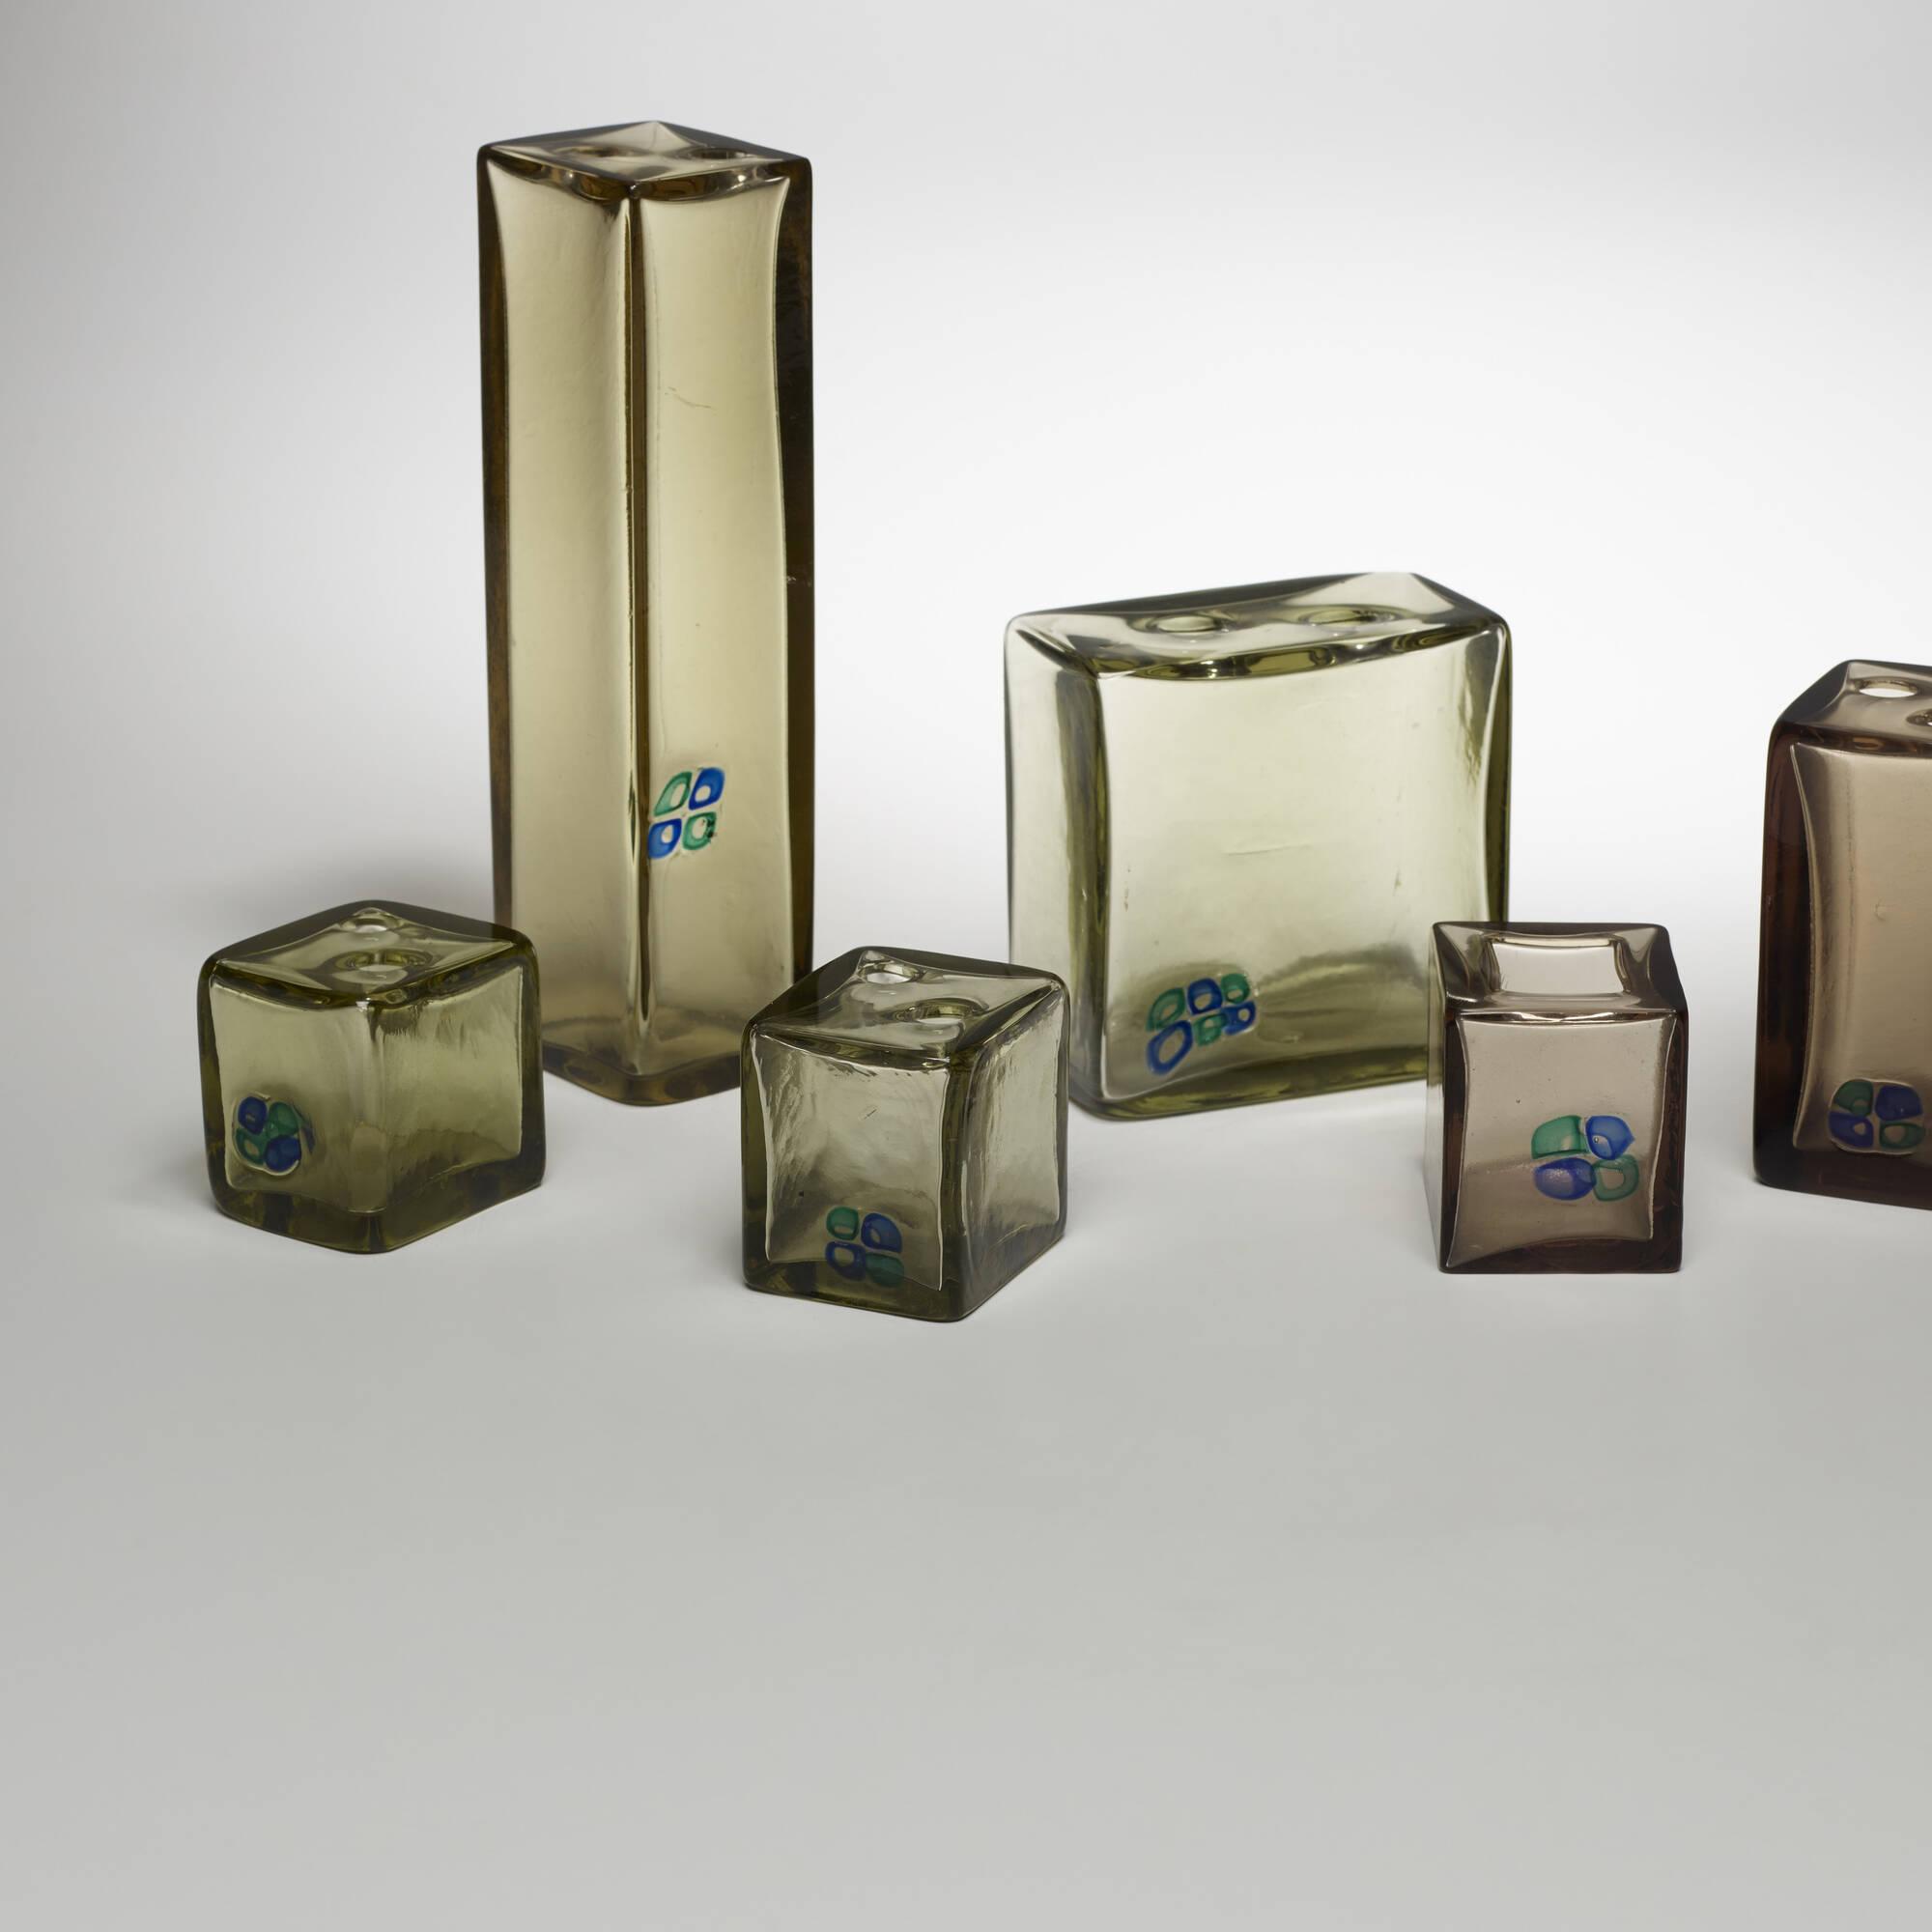 150: Fulvio Bianconi / collection of seven Sezione Quadrata vases (2 of 3)